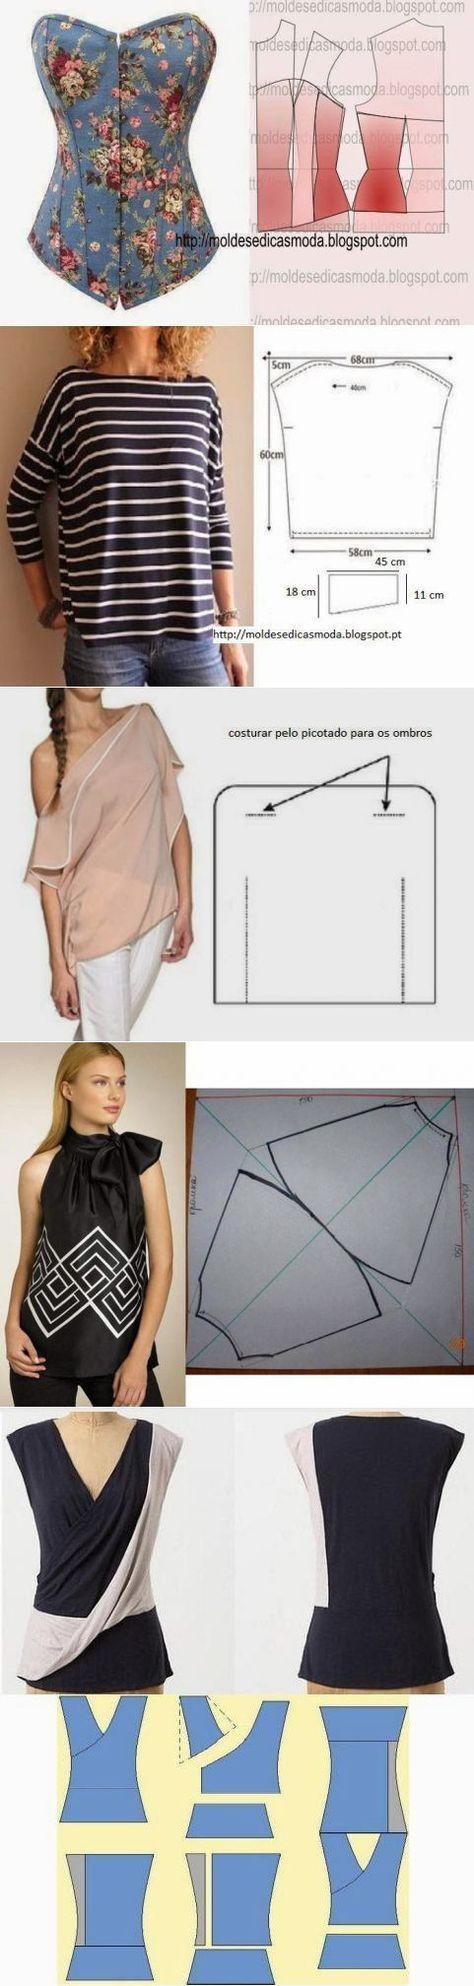 Коллекция выкроек. | Costura, Molde y Patrones